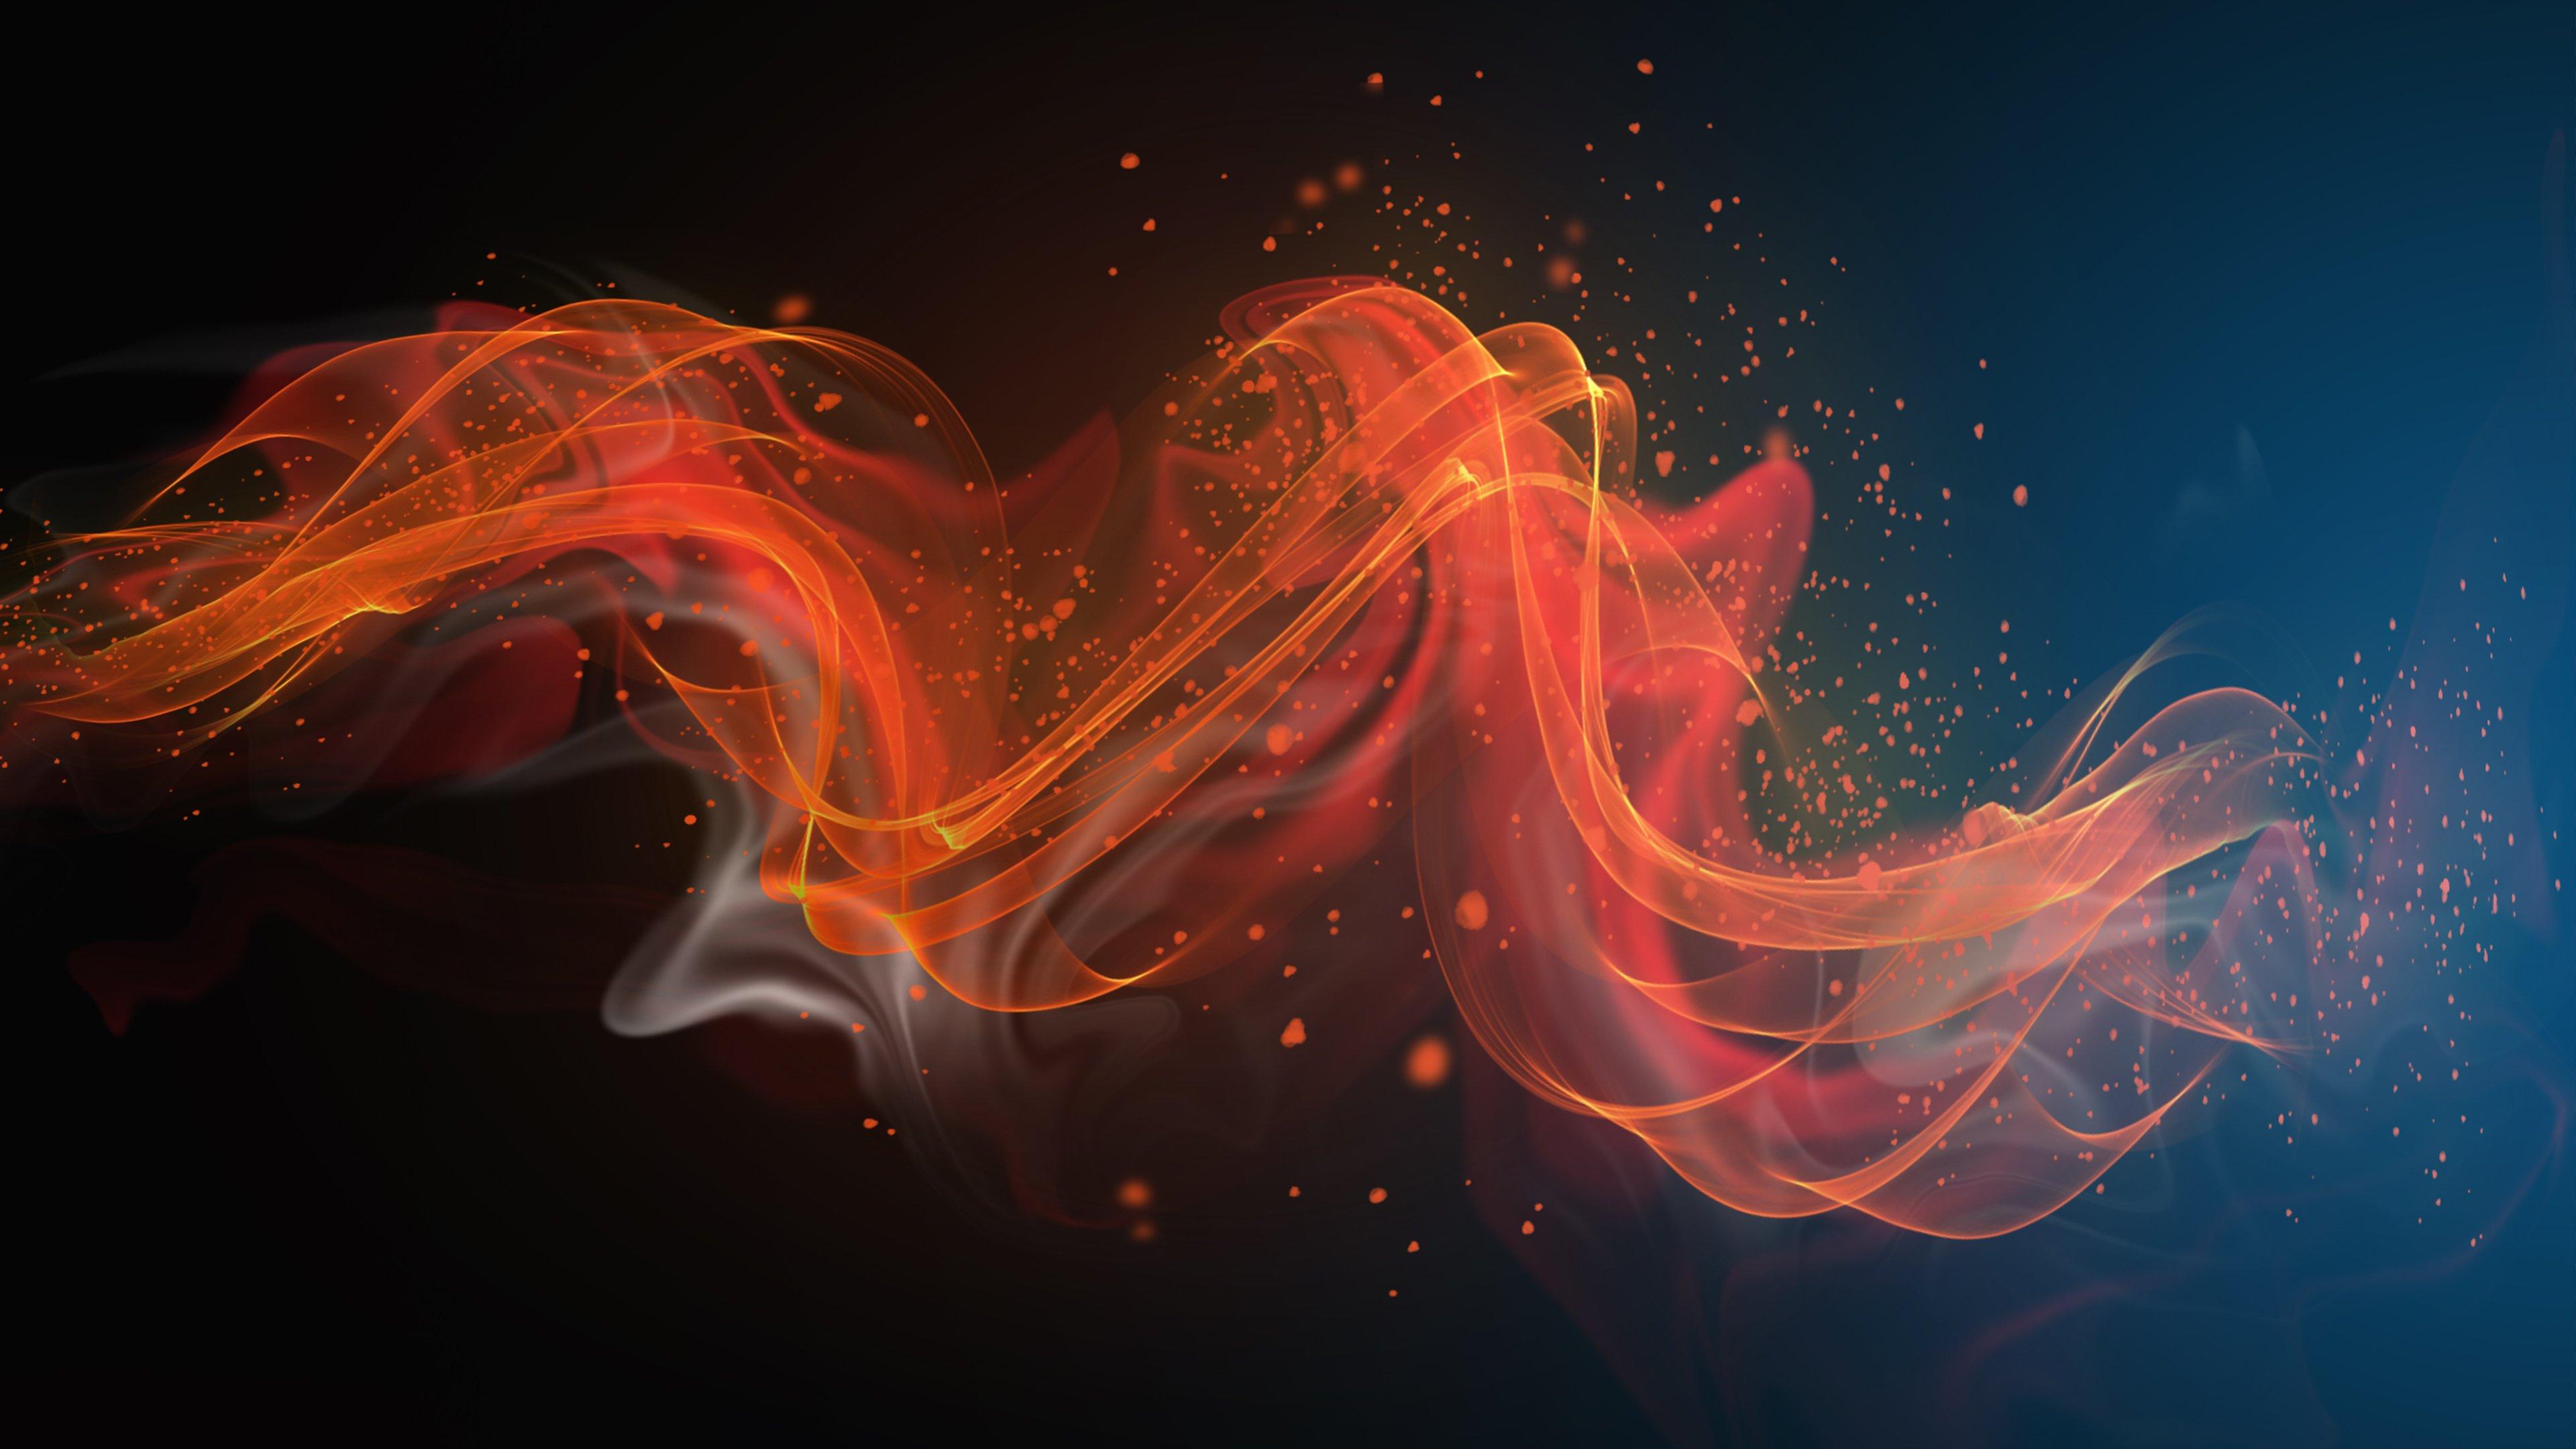 Fondos de pantalla Ondas naranjas abstractas